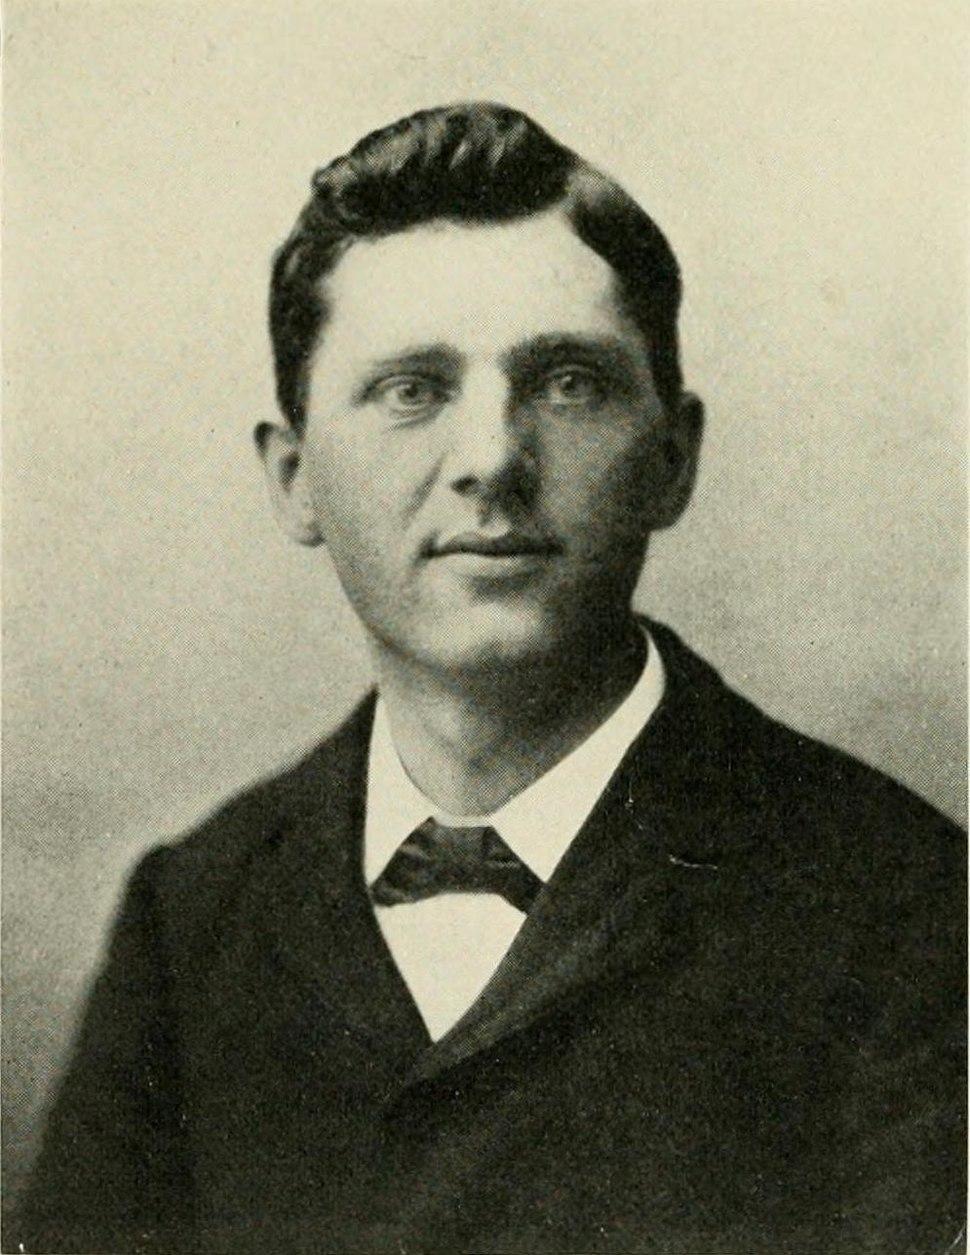 Leon Czolgosz ca 1900